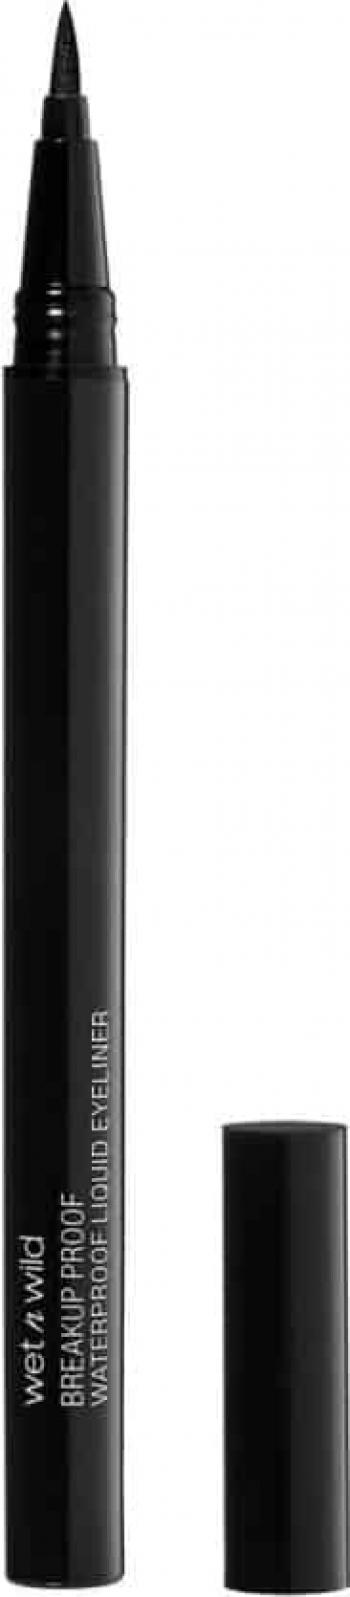 Tus de ochi tip creion Wet n Wild Breakup Proof Waterproof Liquid Eyeliner Ultra Black 0.9ml